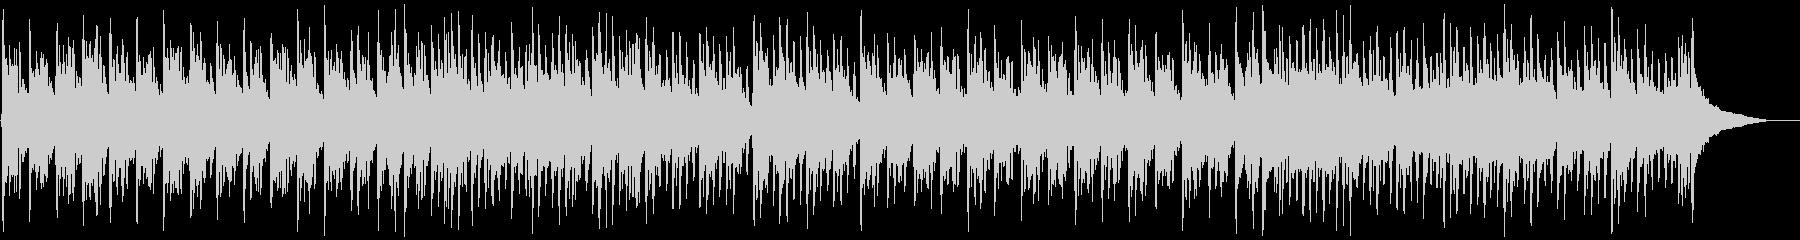 伝統的和風琴と低音ダンスビートミックスの未再生の波形